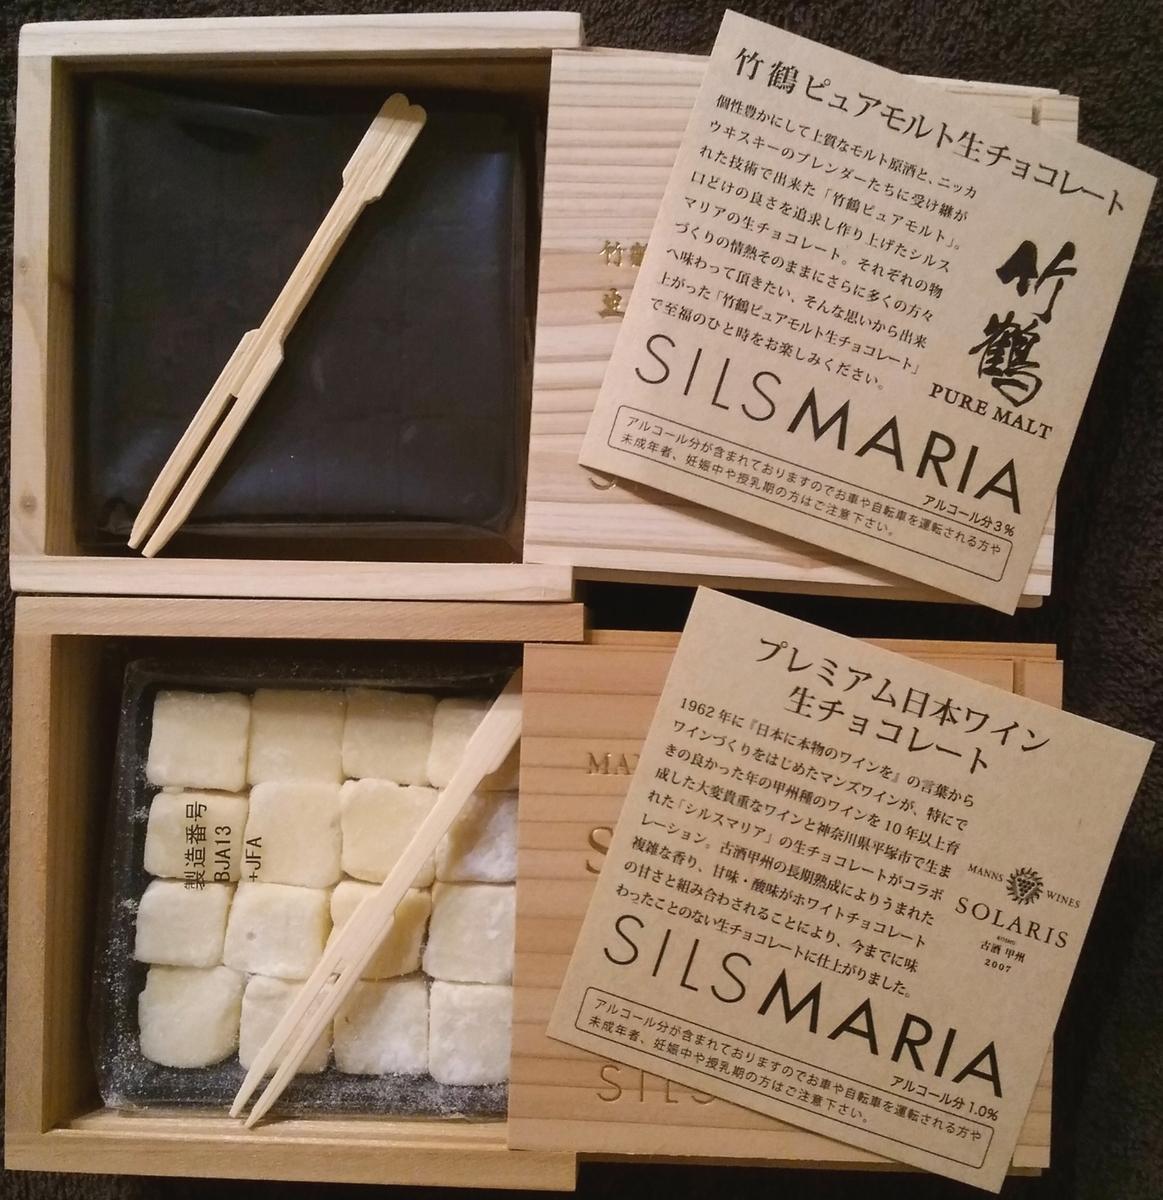 シルスマリア 生チョコ